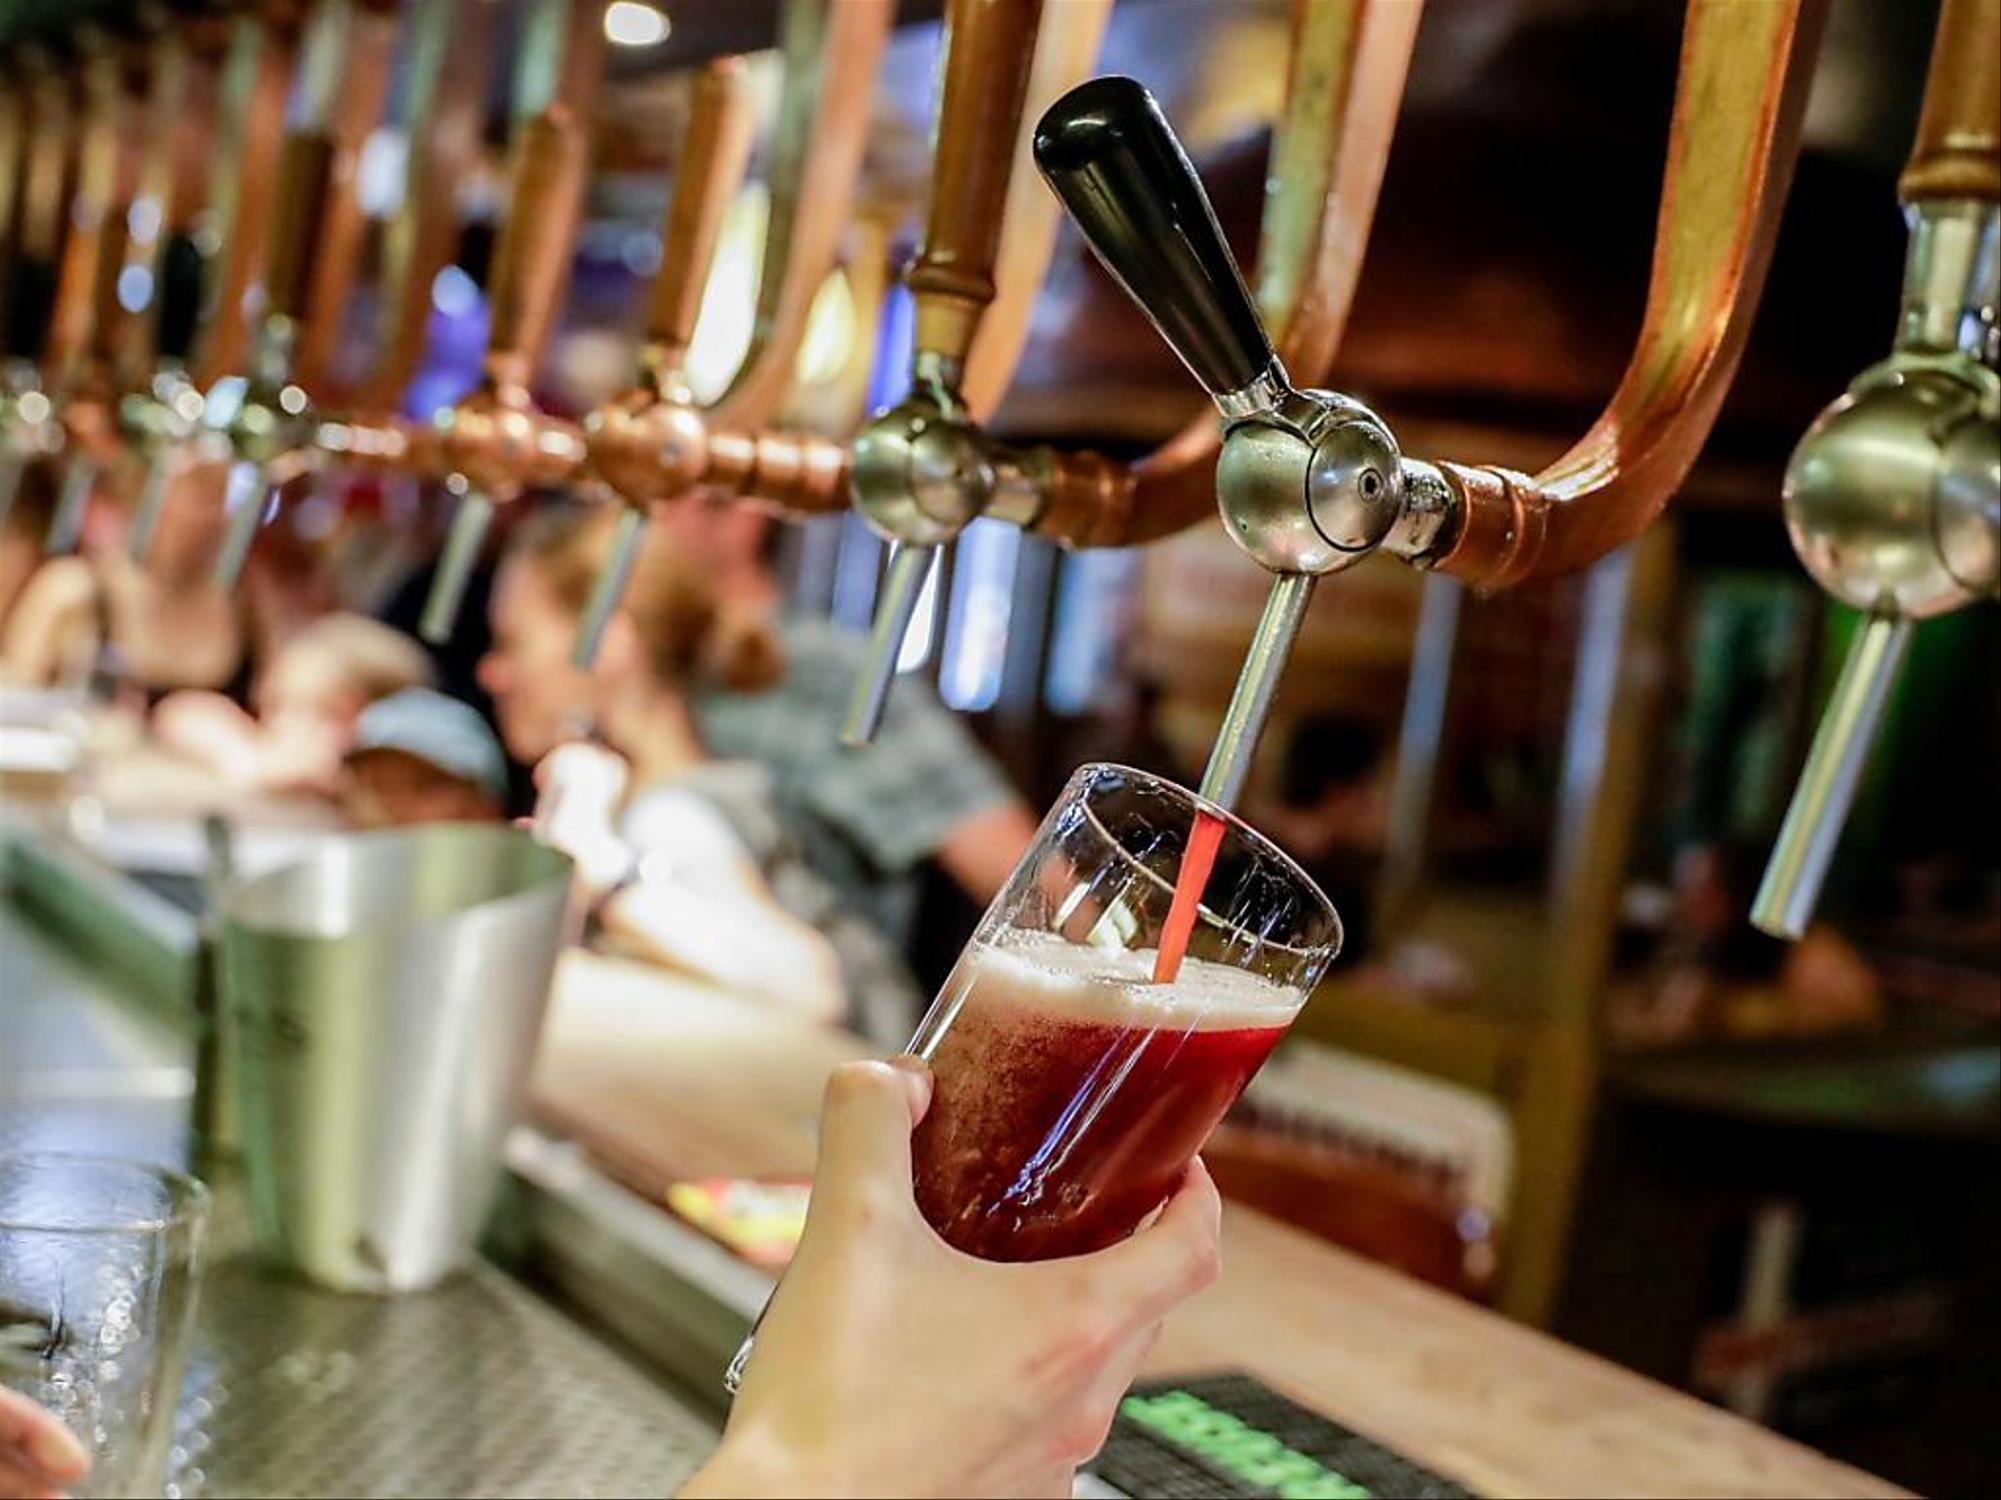 В Швейцарии сварили пиво по рецепту искусственного интеллекта